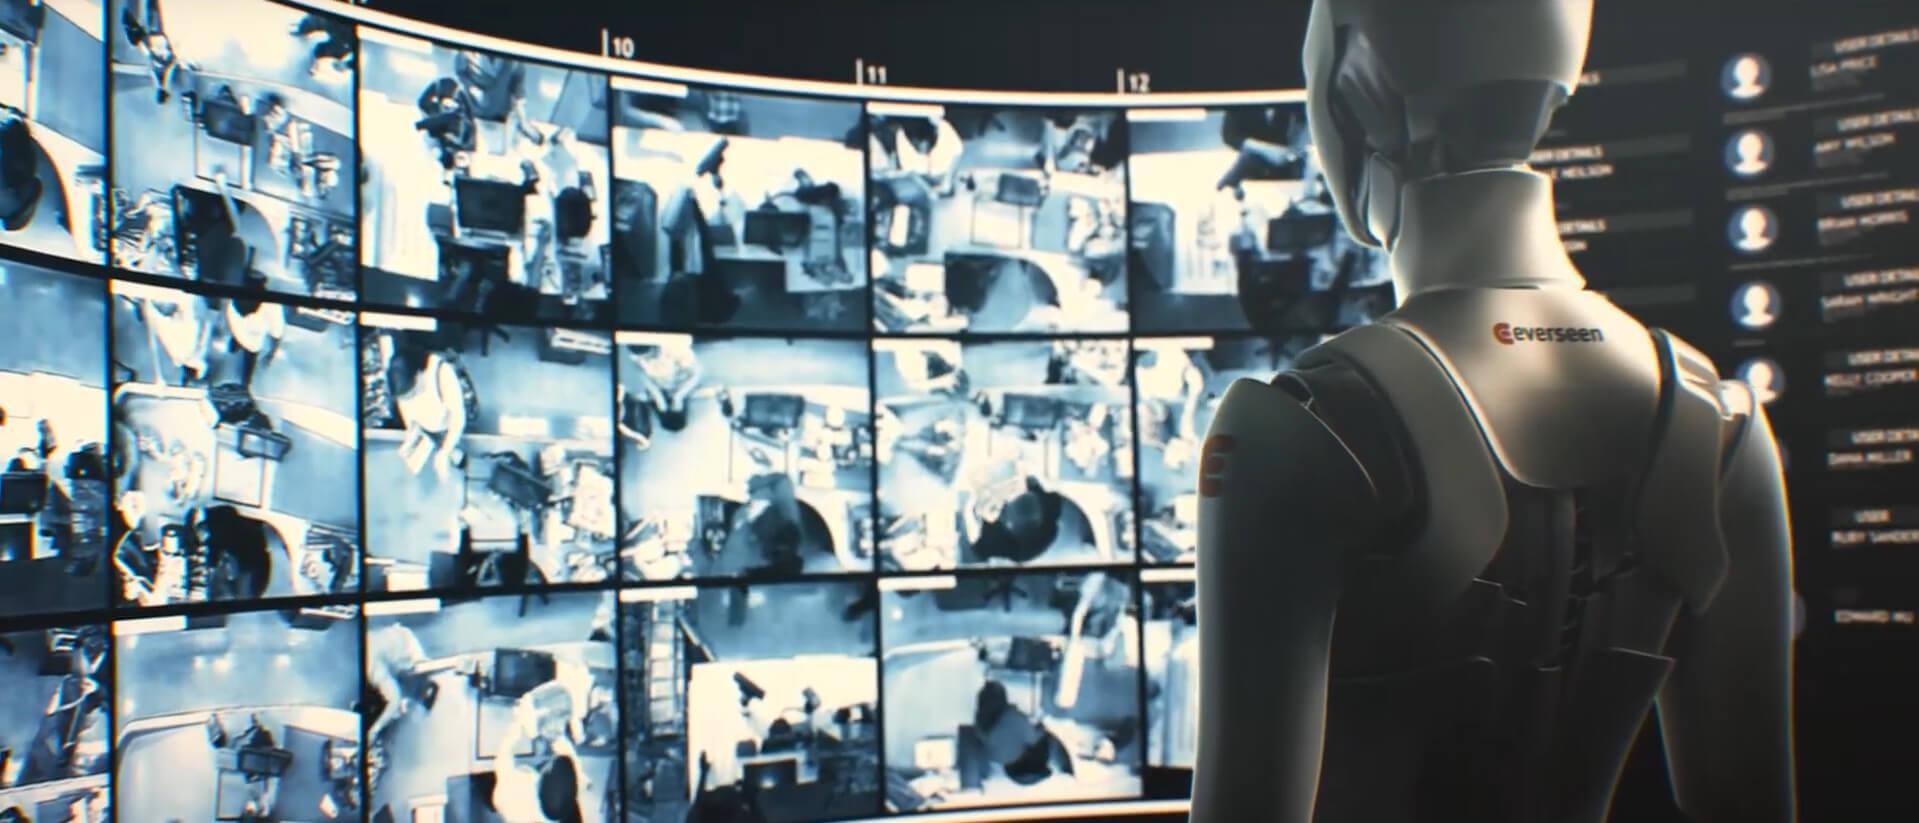 Kasa noktası akıllı video analiz çözümü